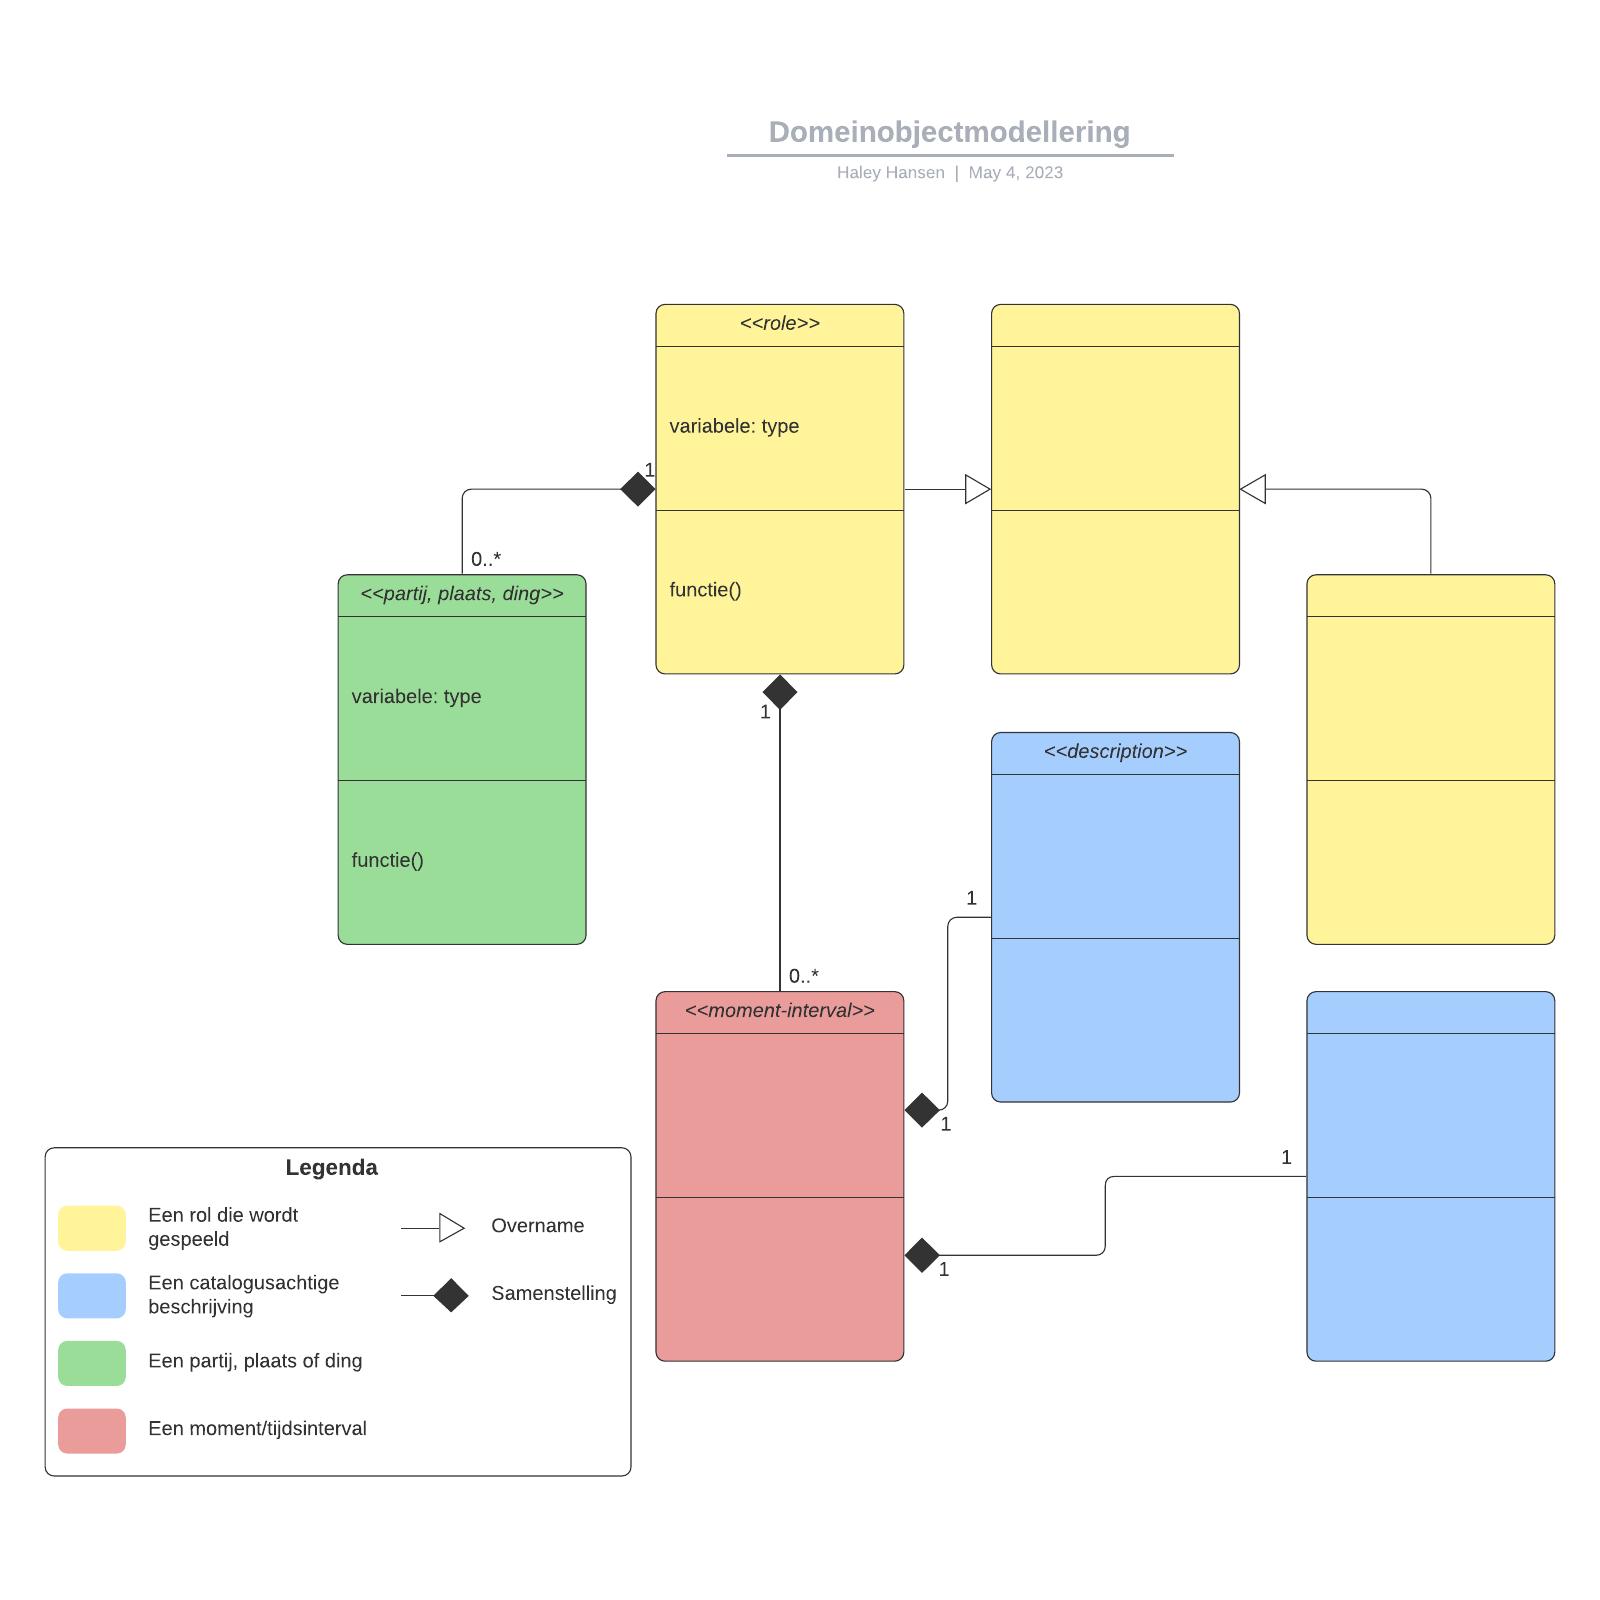 Domeinobjectmodellering